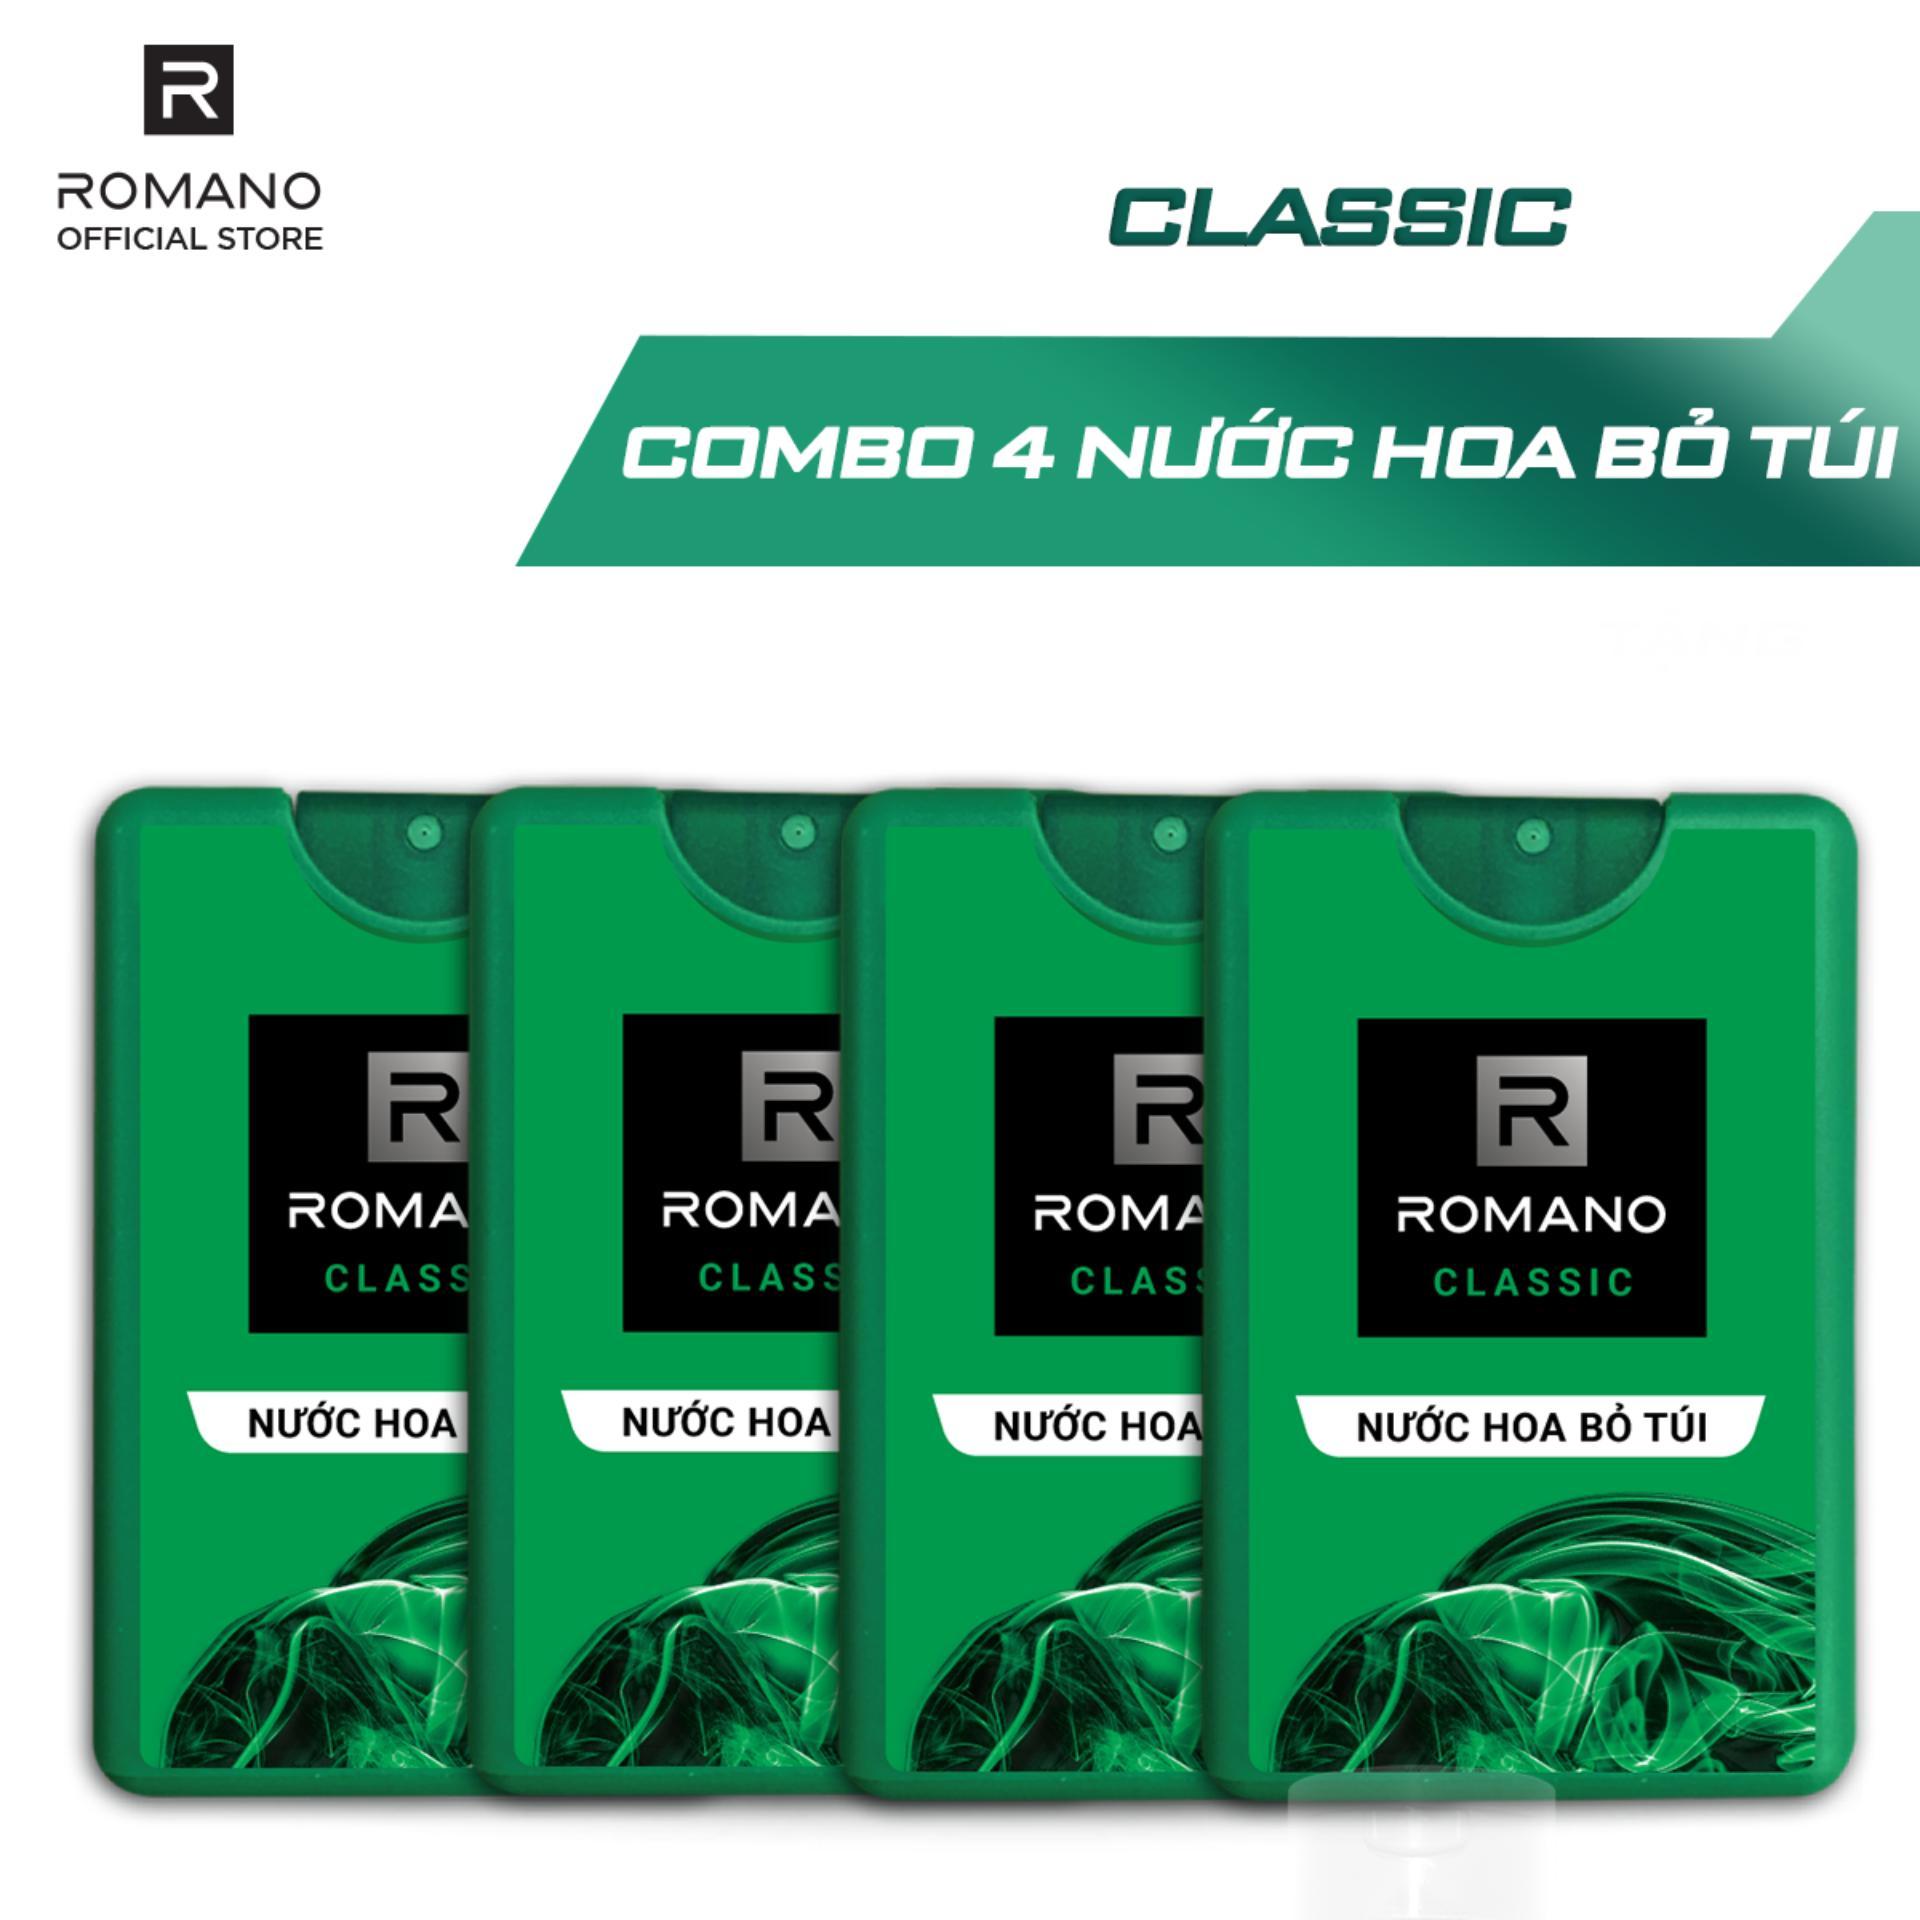 Combo 4 nước hoa bỏ túi Romano Classic cổ điển lịch lãm18ml cao cấp